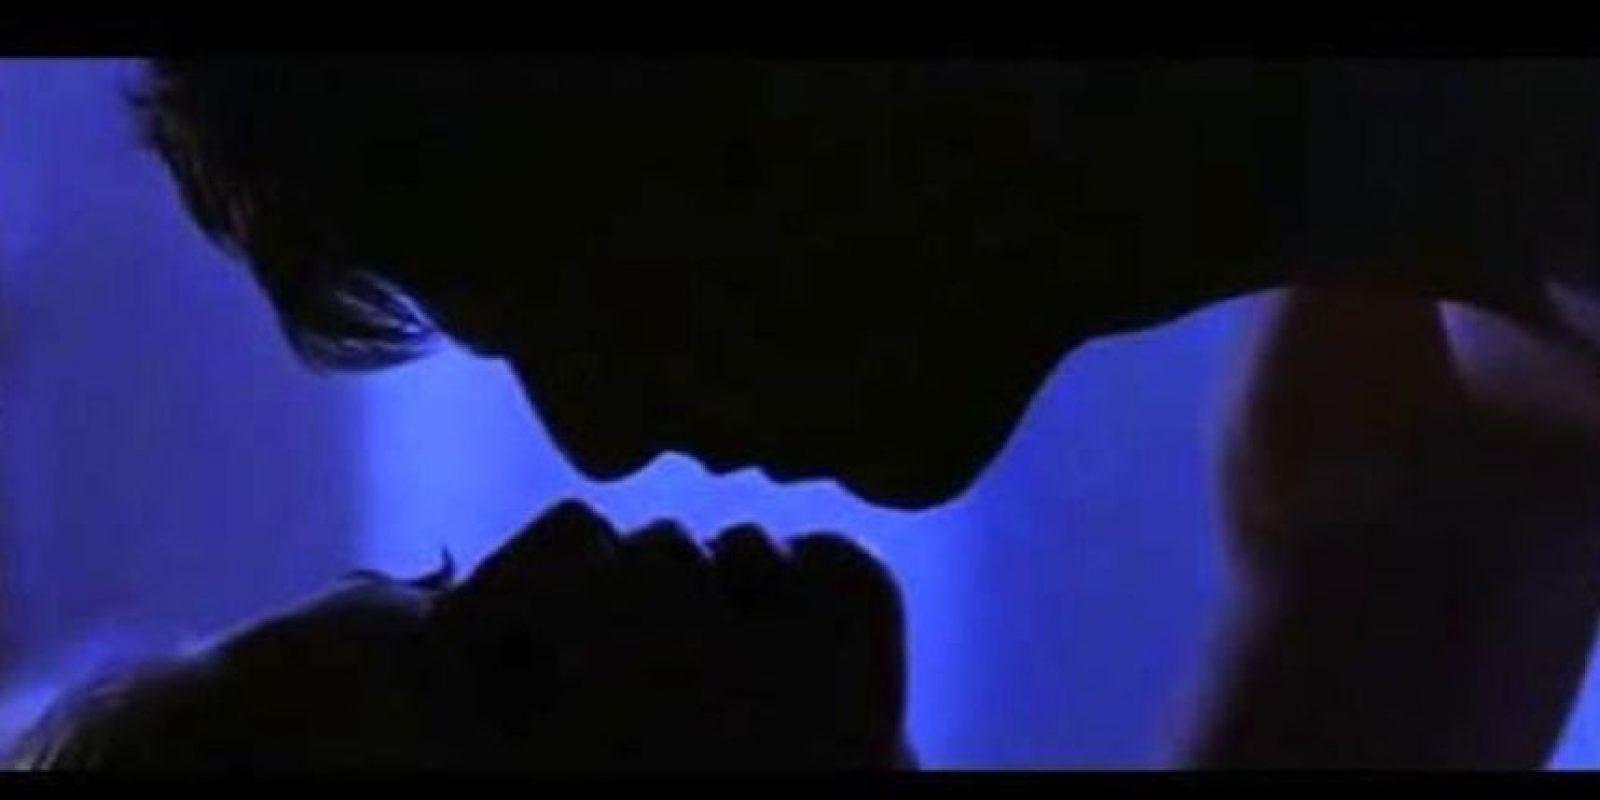 """Take my Breath Away o la escena de sexo de """"Top Gun"""" (1986), en la que Tom Cruise y Kelly McGillis hacen el amor por primera vez. Foto:Paramount Pictures"""